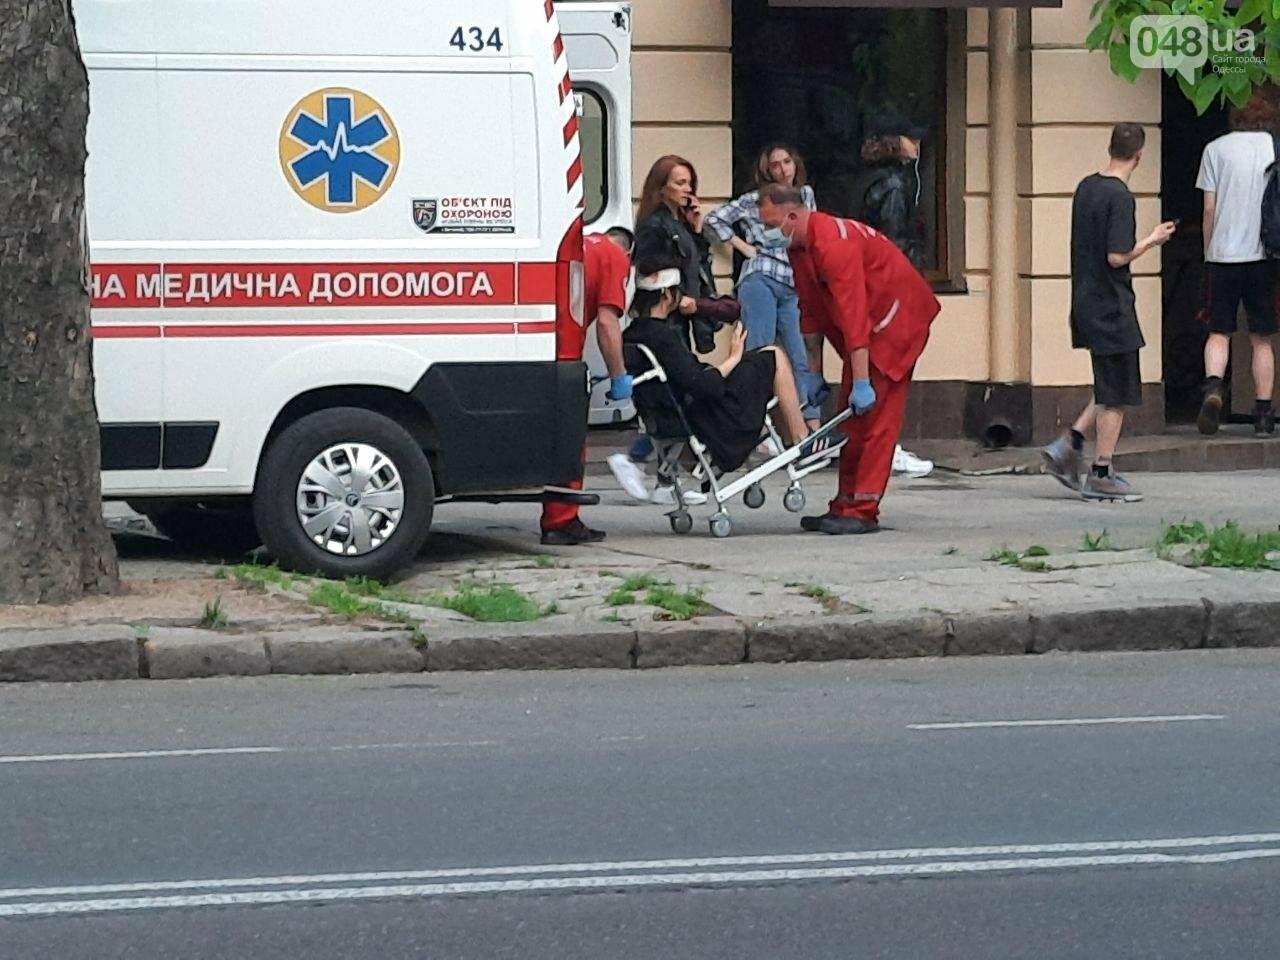 Разбила голову: в центре Одессы девушка упала с электросамоката, - ФОТО, фото-5